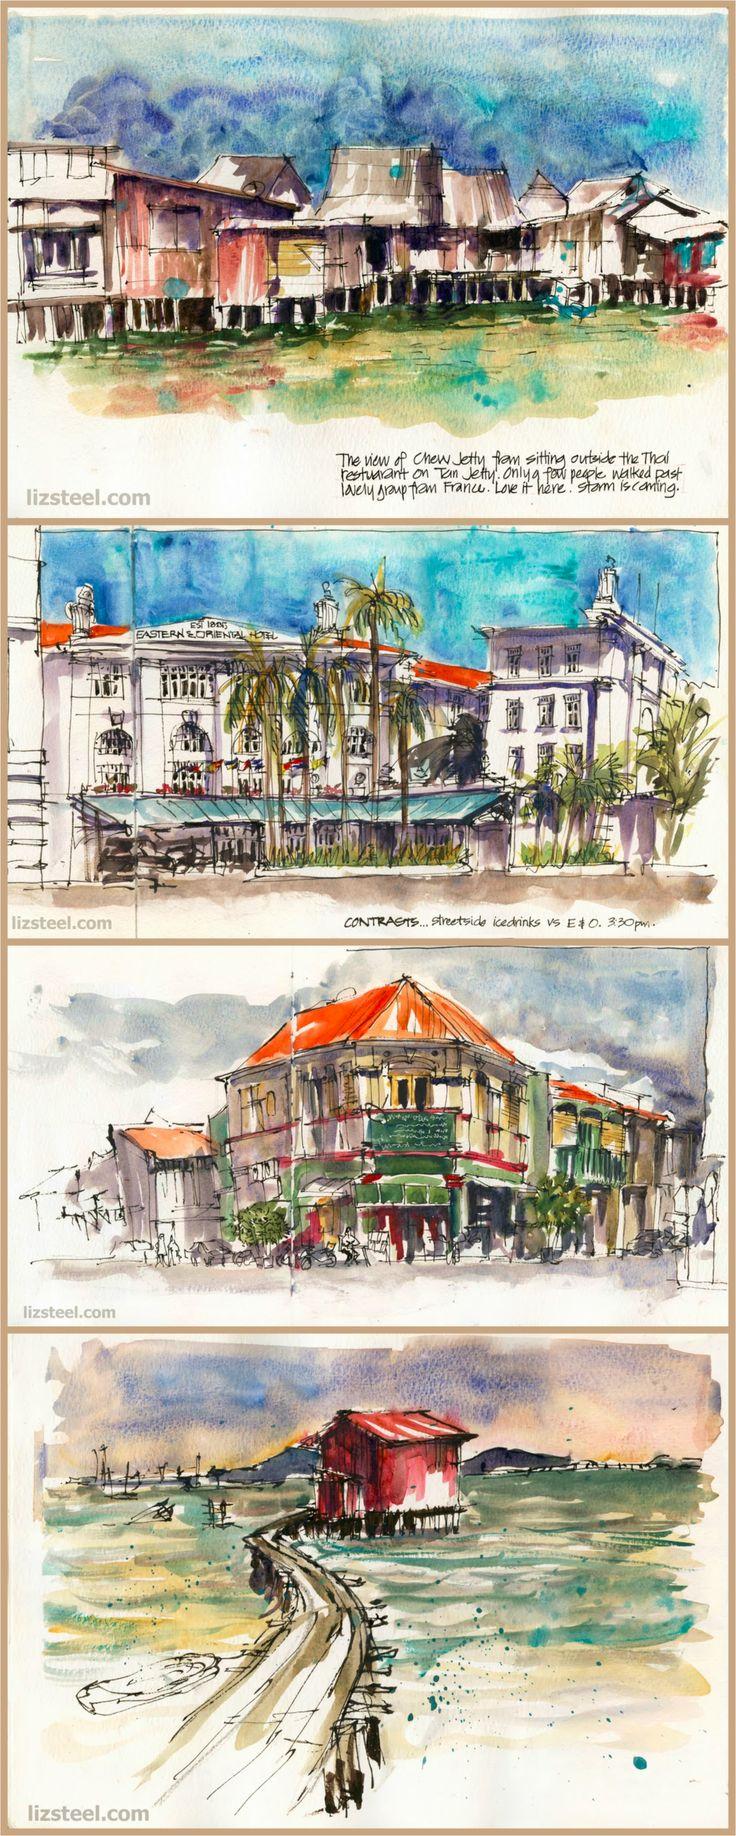 Urban Sketchers -- Liz Steel: Sketching in Penang